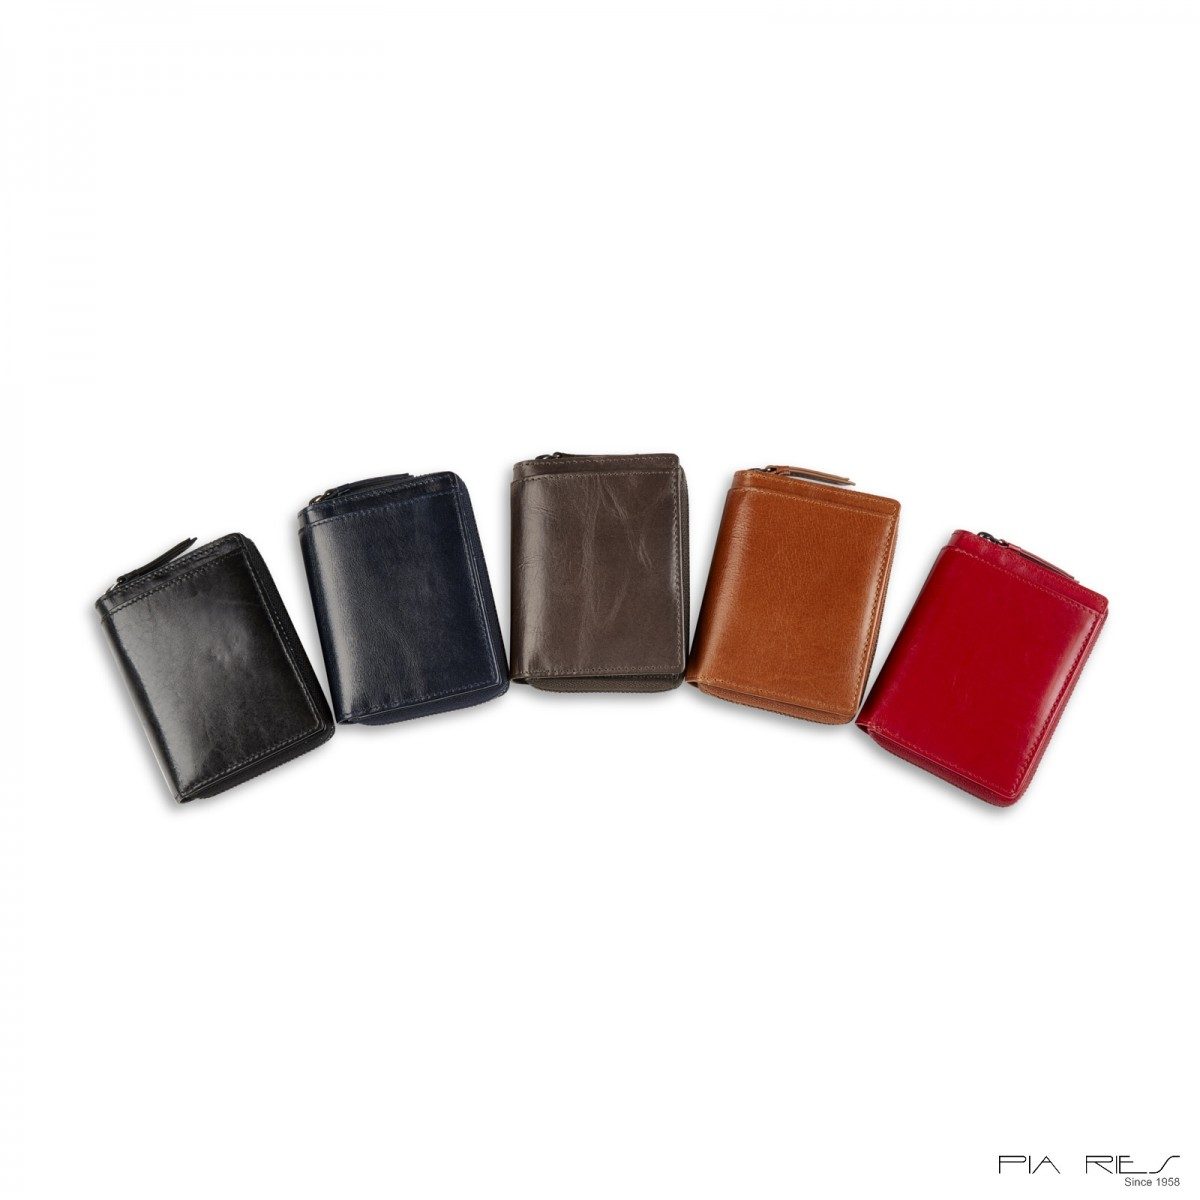 Lille pung til kort og mønter-32